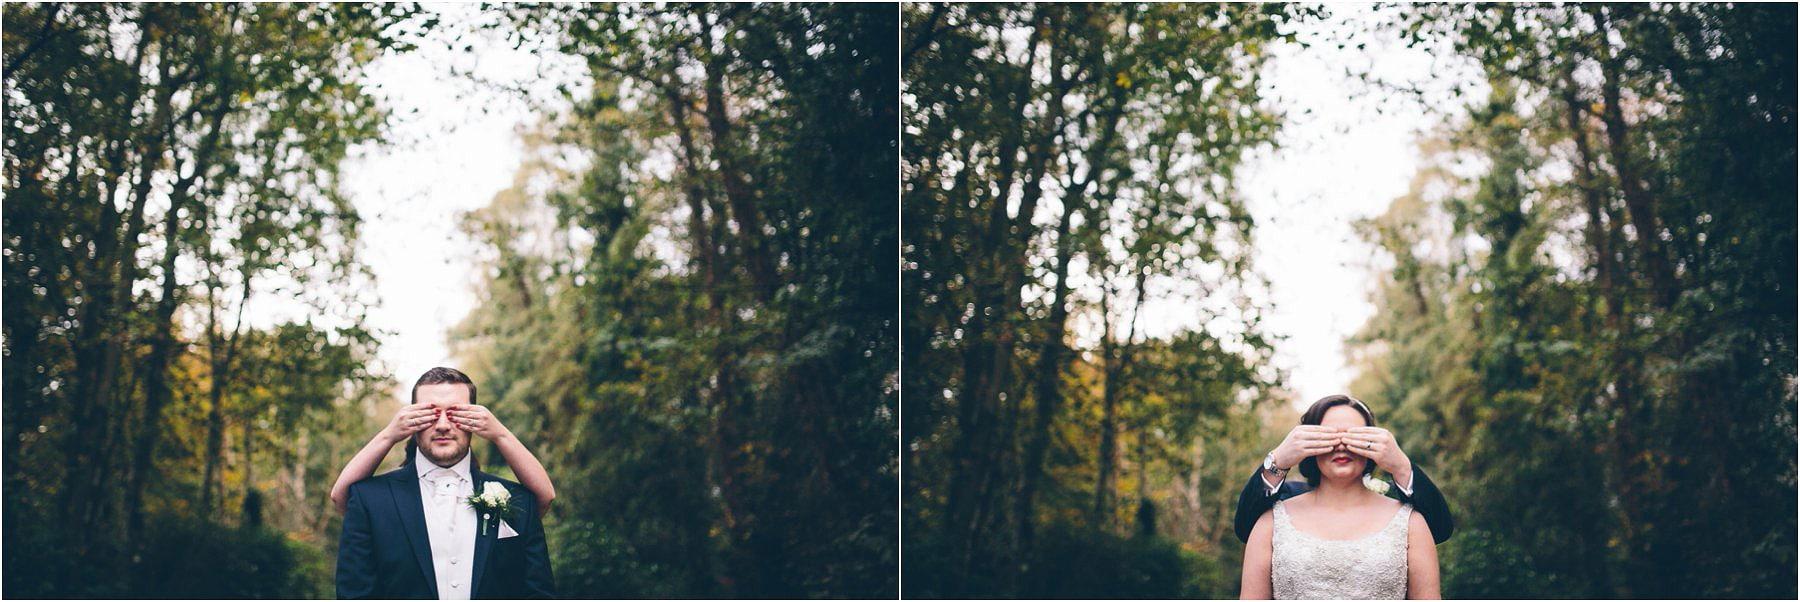 Crewe_Hall_Wedding_Photography_0078